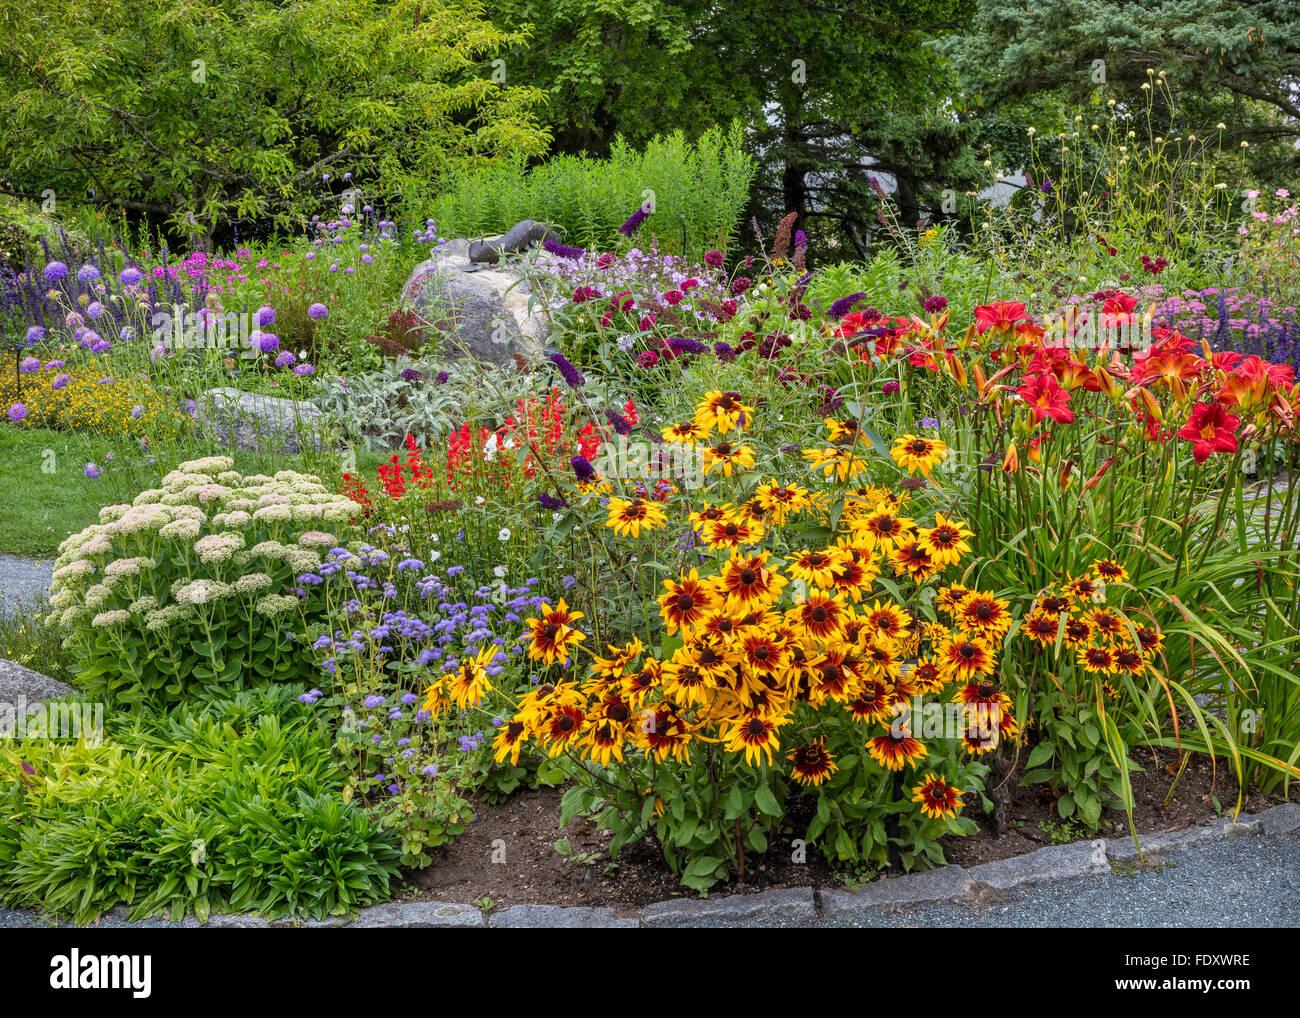 Southwest harbor maine giardini fioriti e percorsi in for Cespugli fioriti per giardino